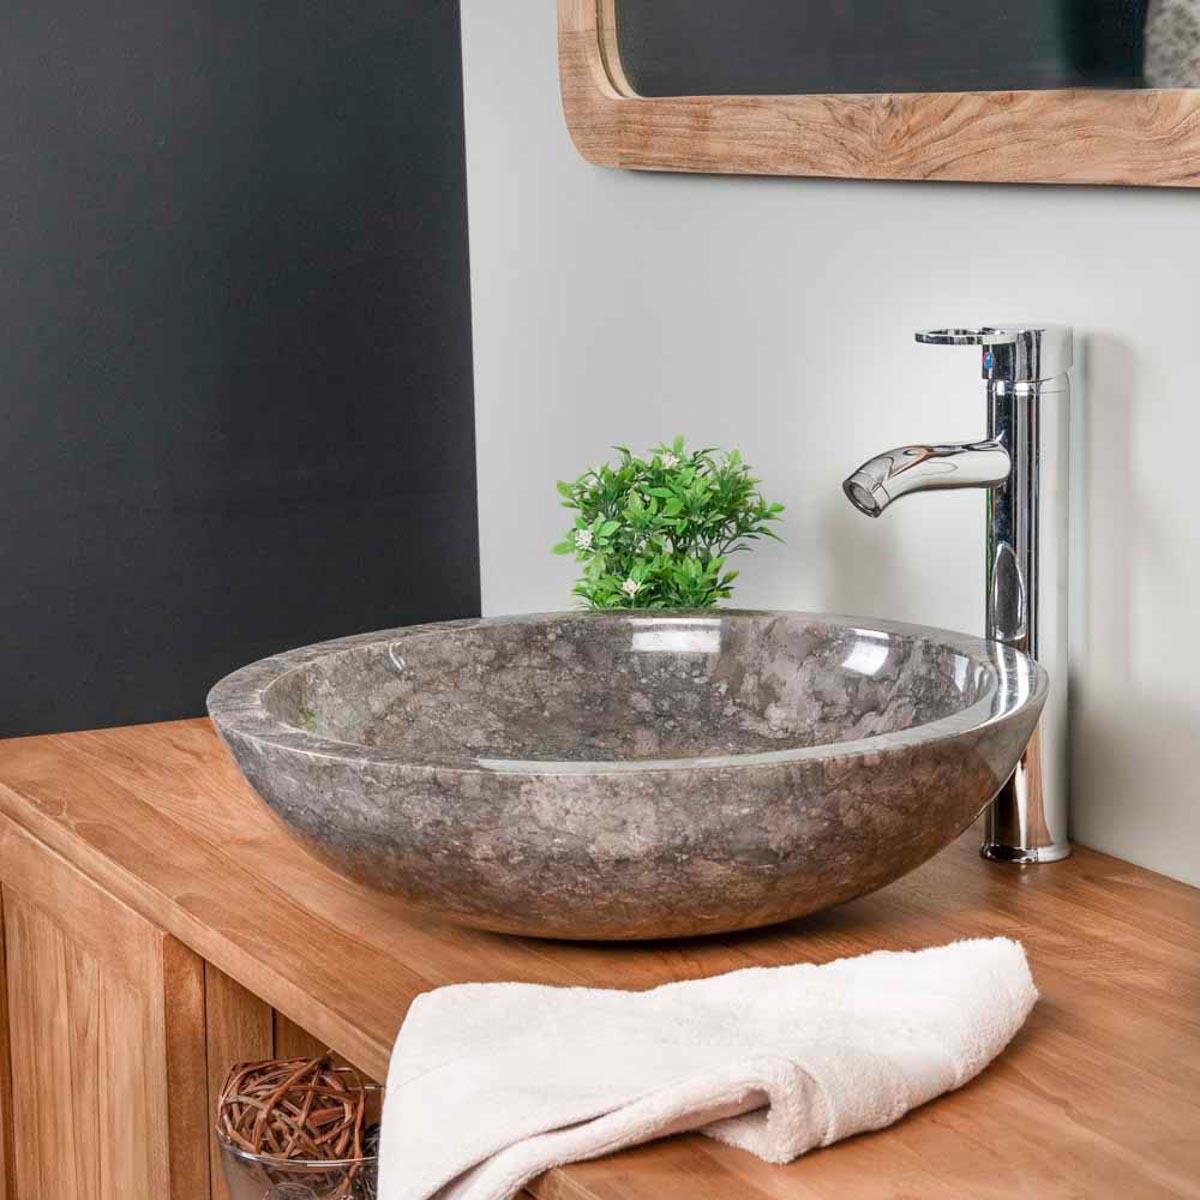 vasque poser en marbre barcelone vasque ronde grise d 45 cm. Black Bedroom Furniture Sets. Home Design Ideas